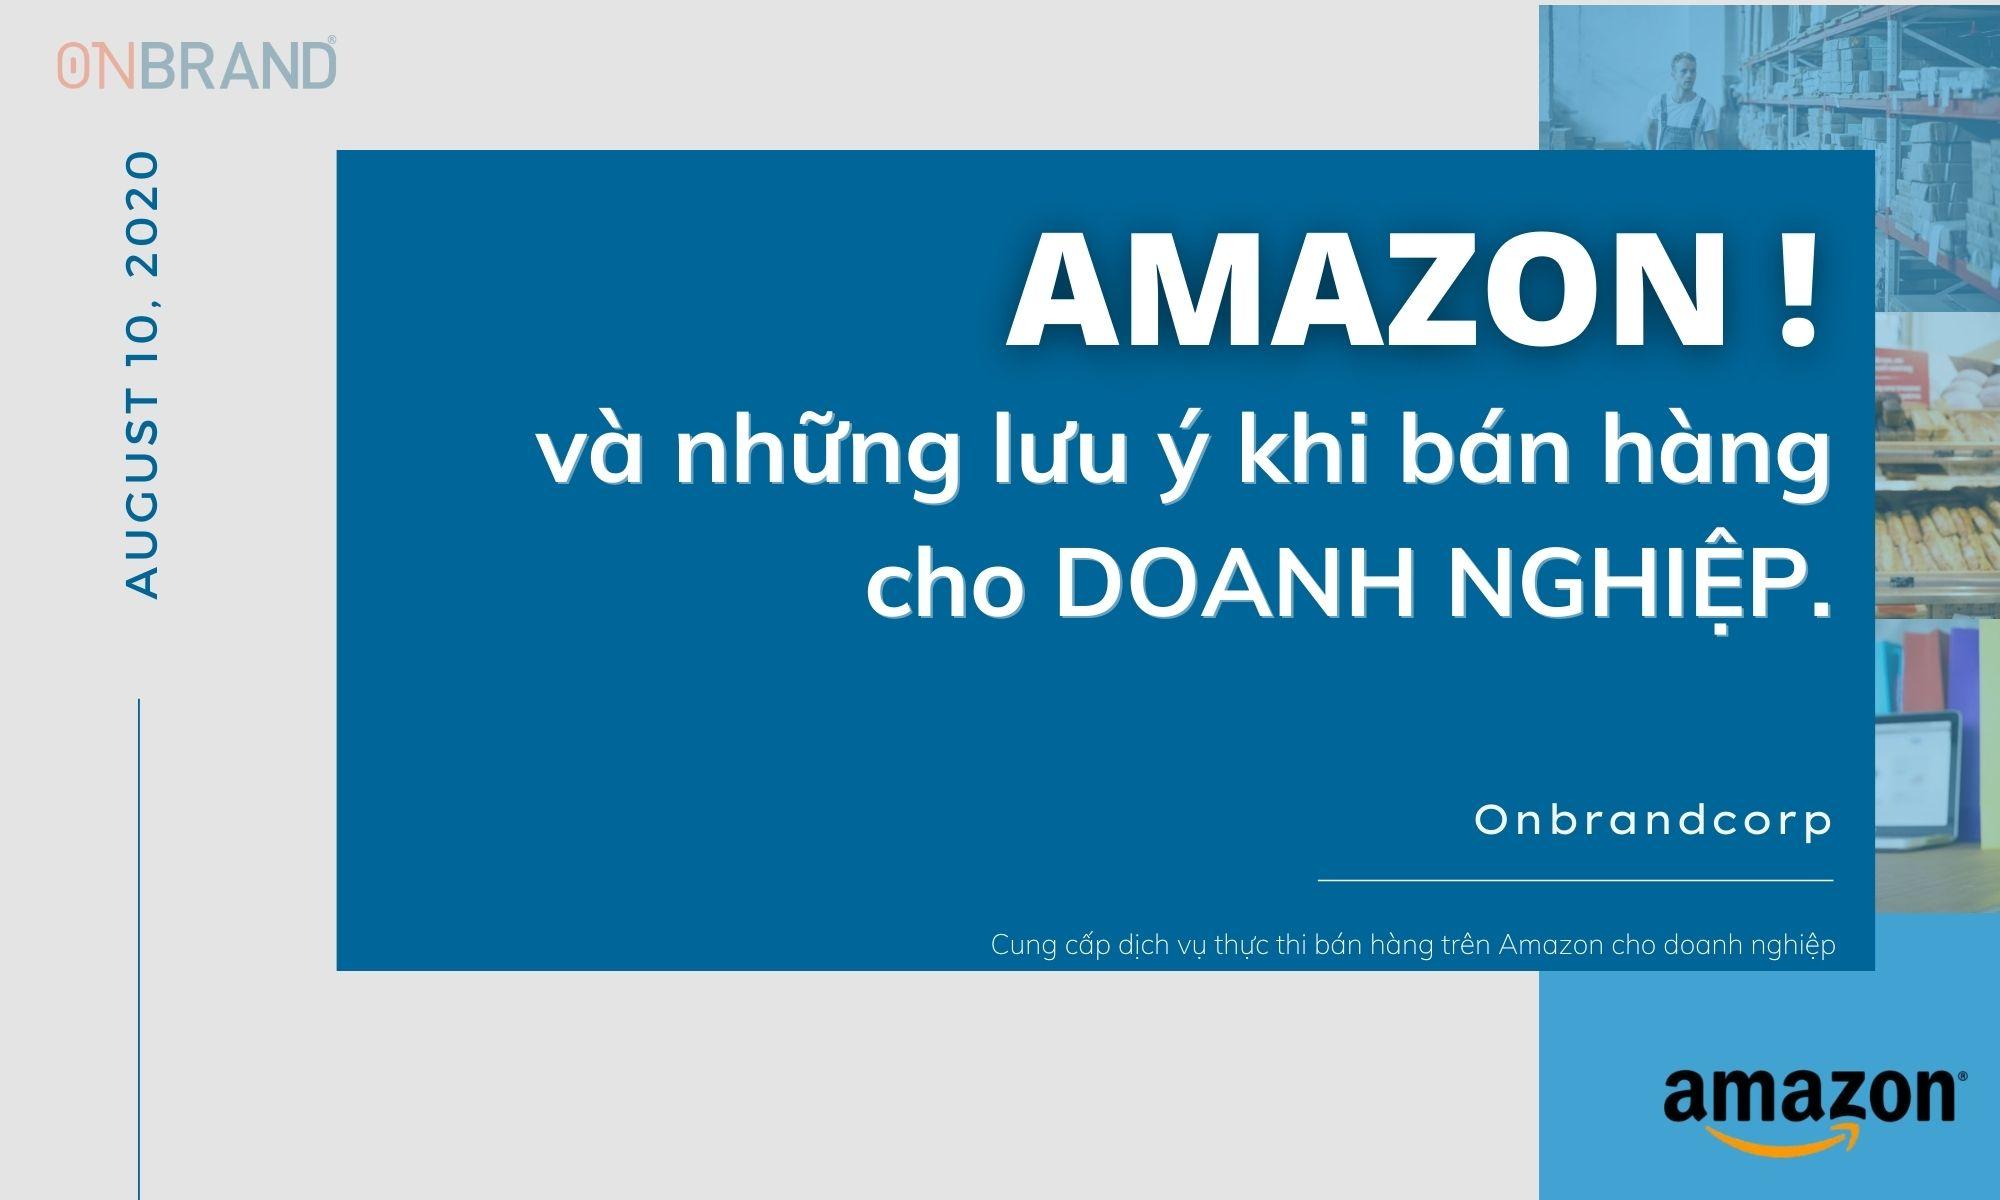 Lưu ý khi bán hàng trên Amazon dành cho doanh nghiệp